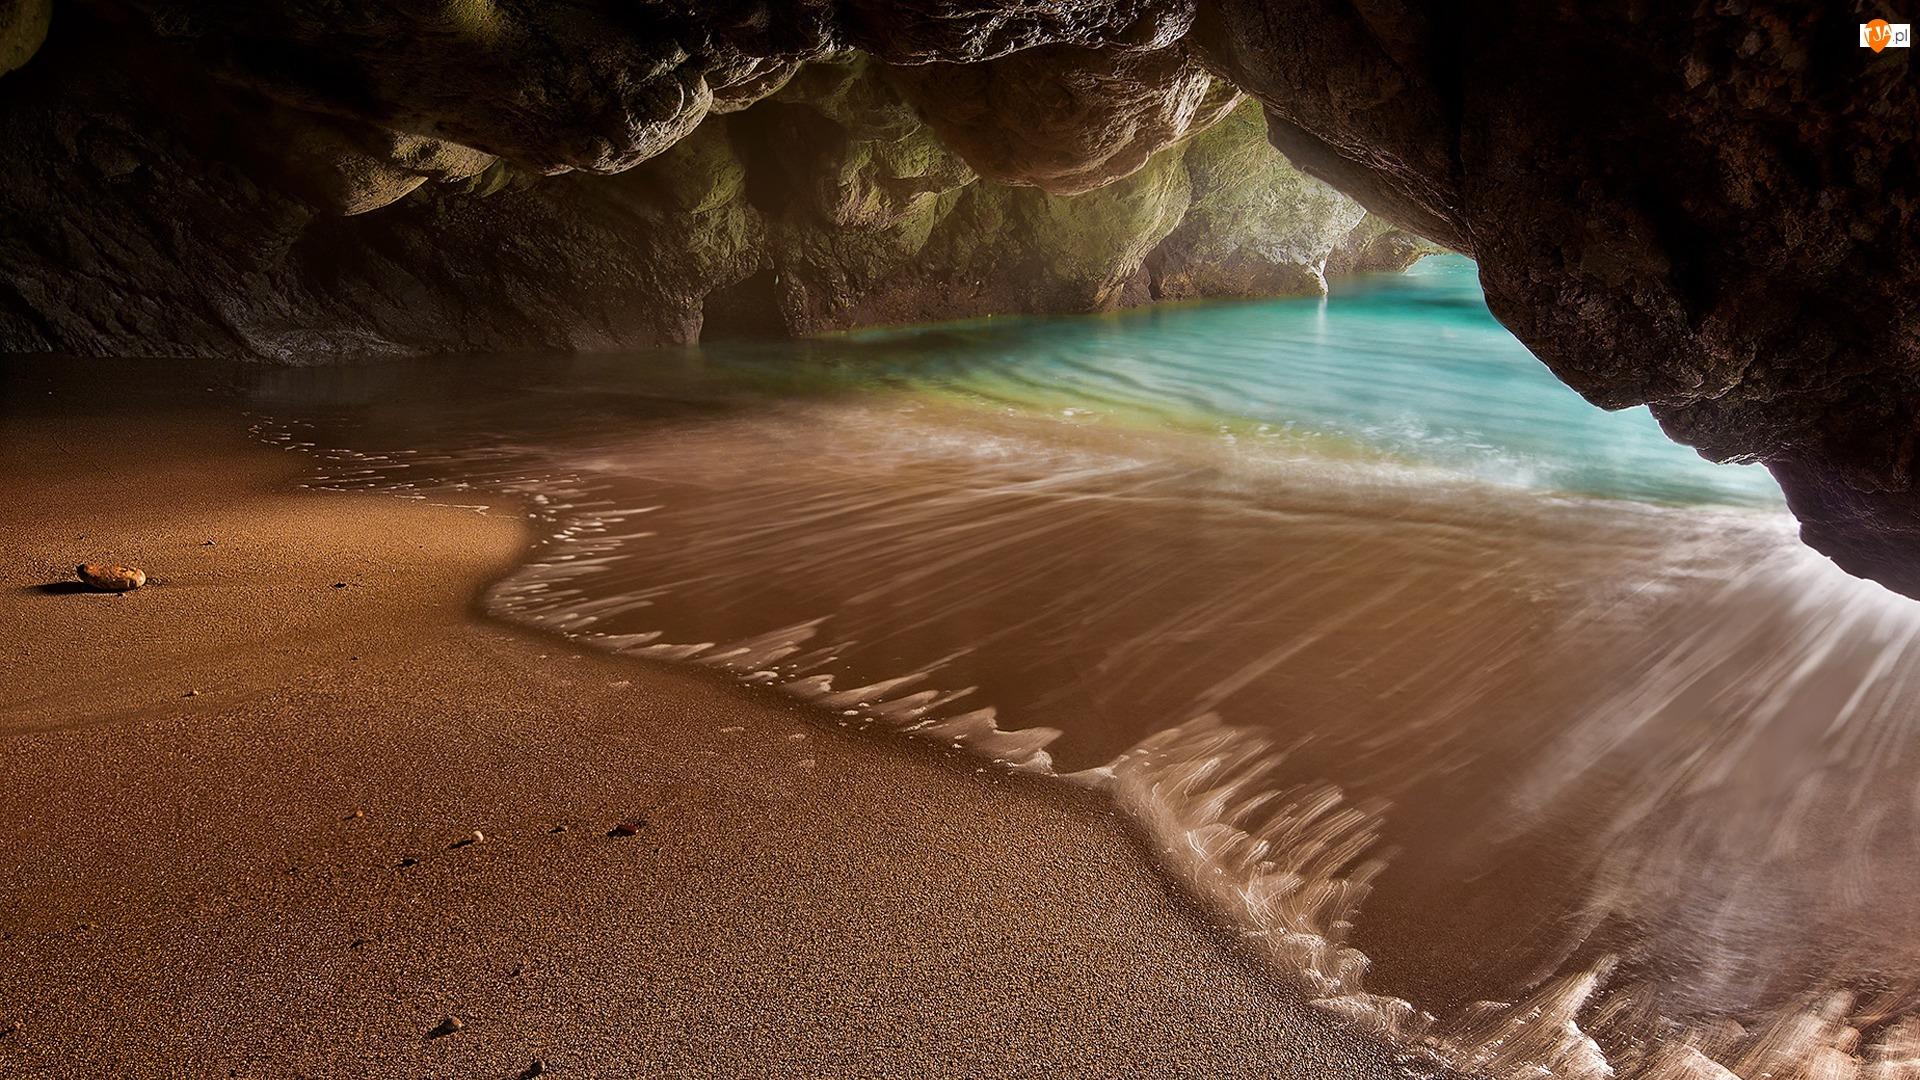 Woda, Włochy, Skały, Jaskinia, Fala